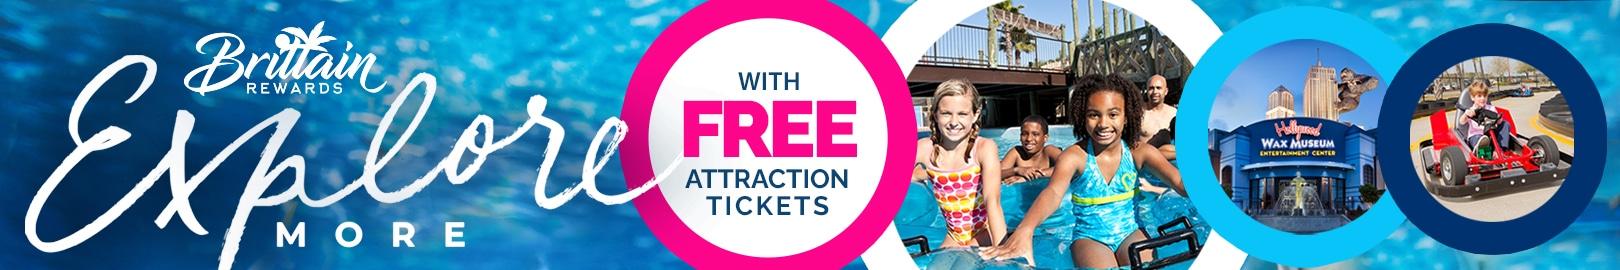 Brittain Rewards - Explore with Free Attraction Tickets